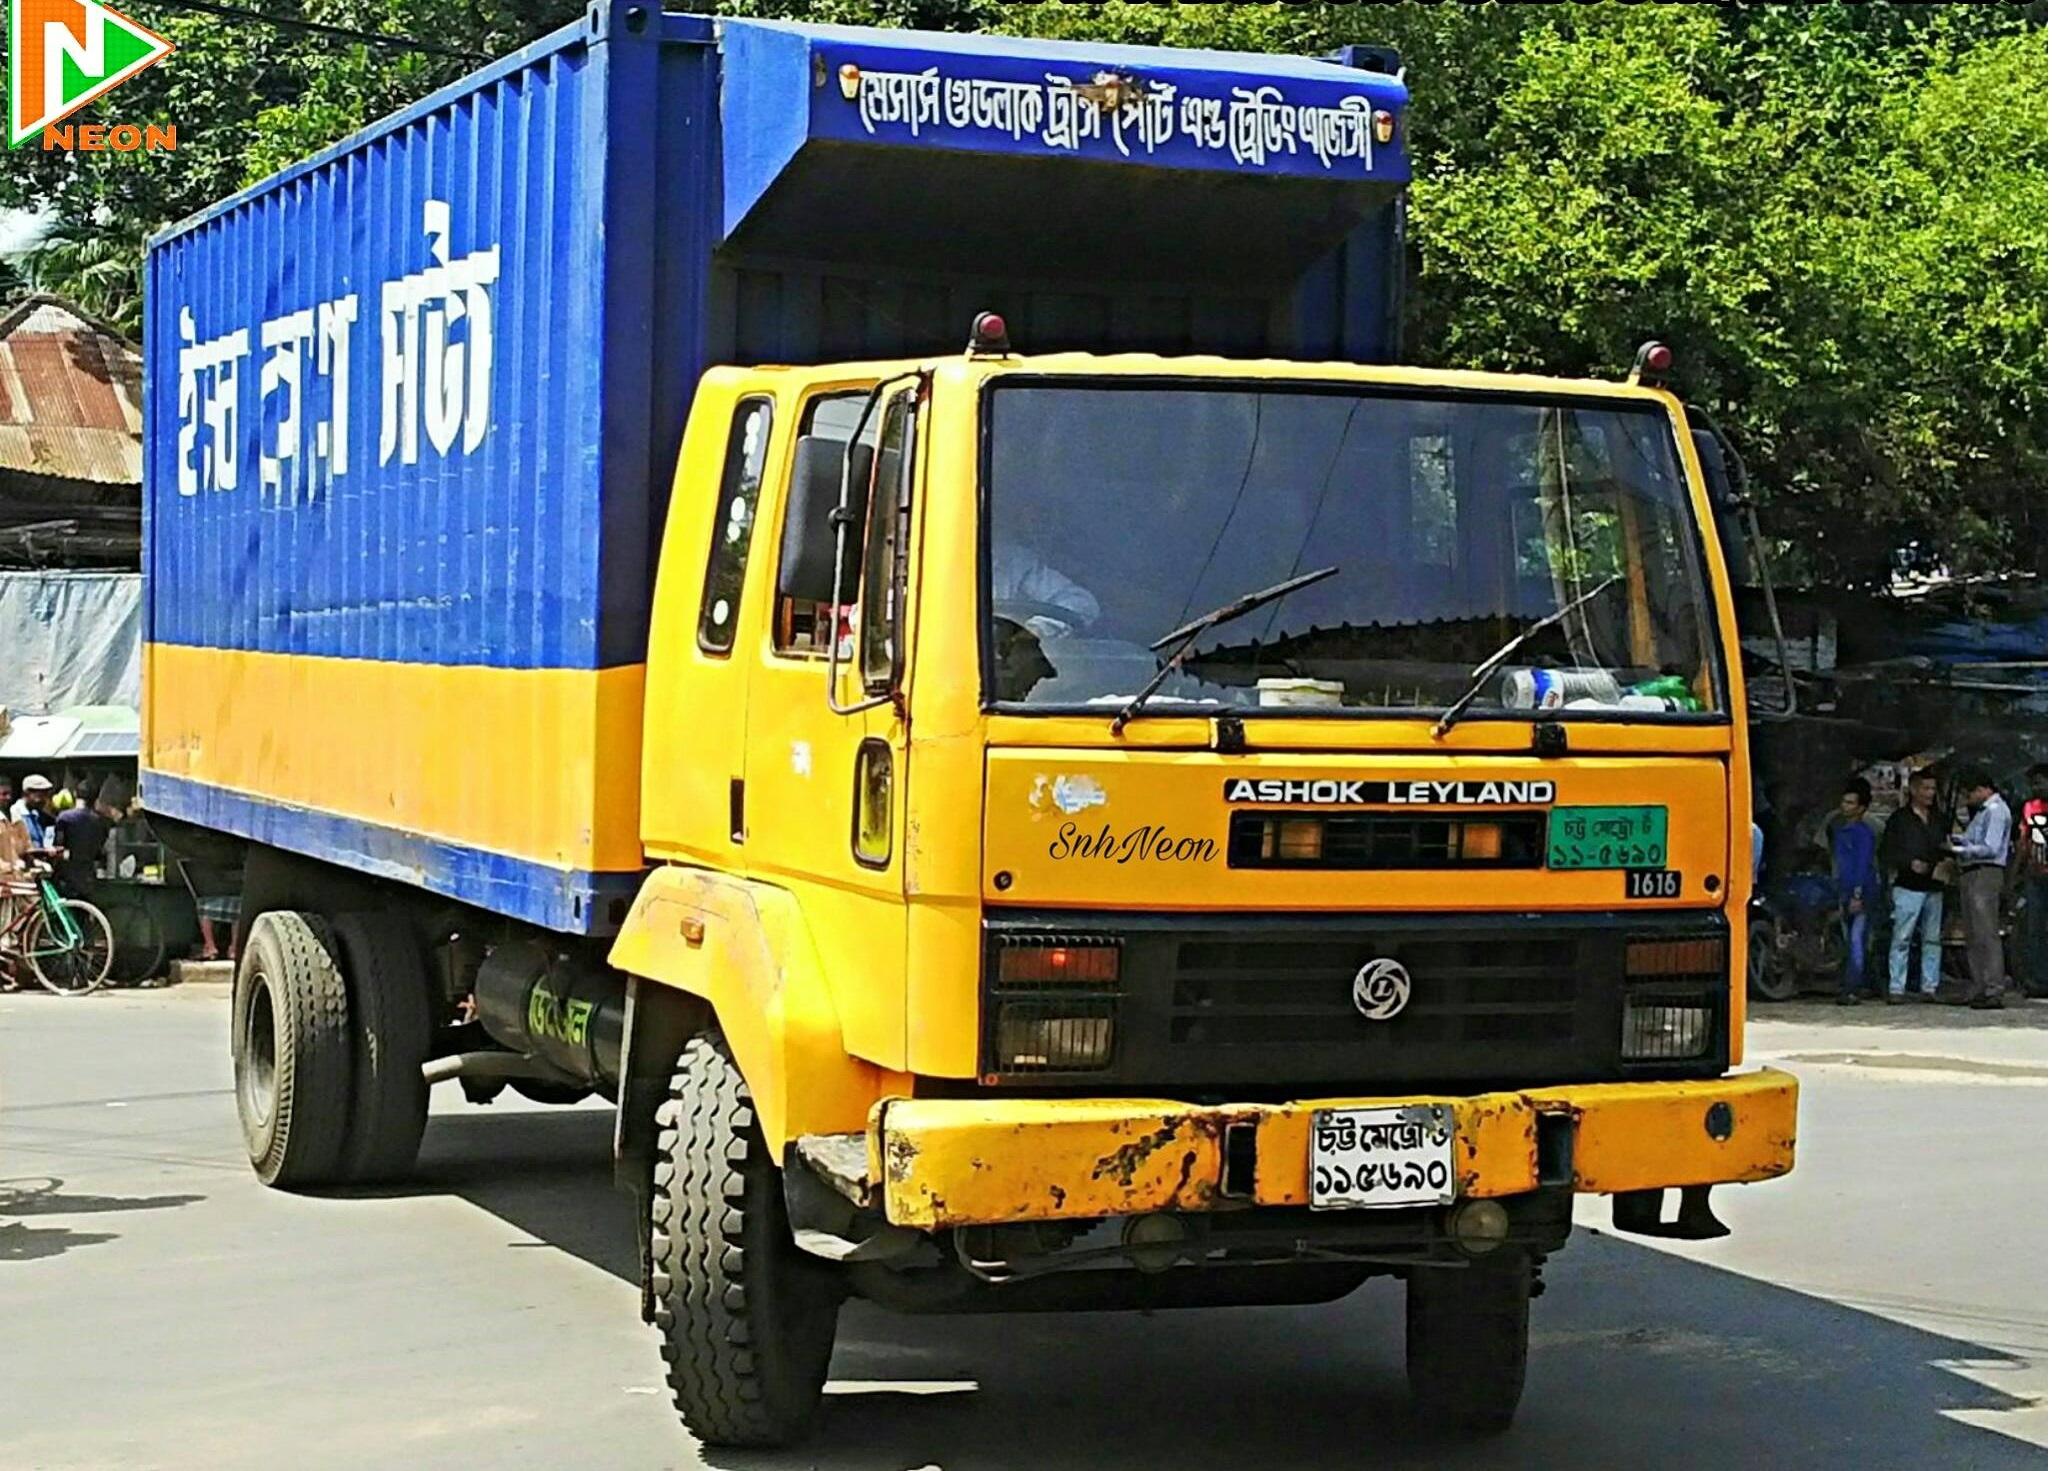 Ashok-Leyland-1616IL-Chittagong-